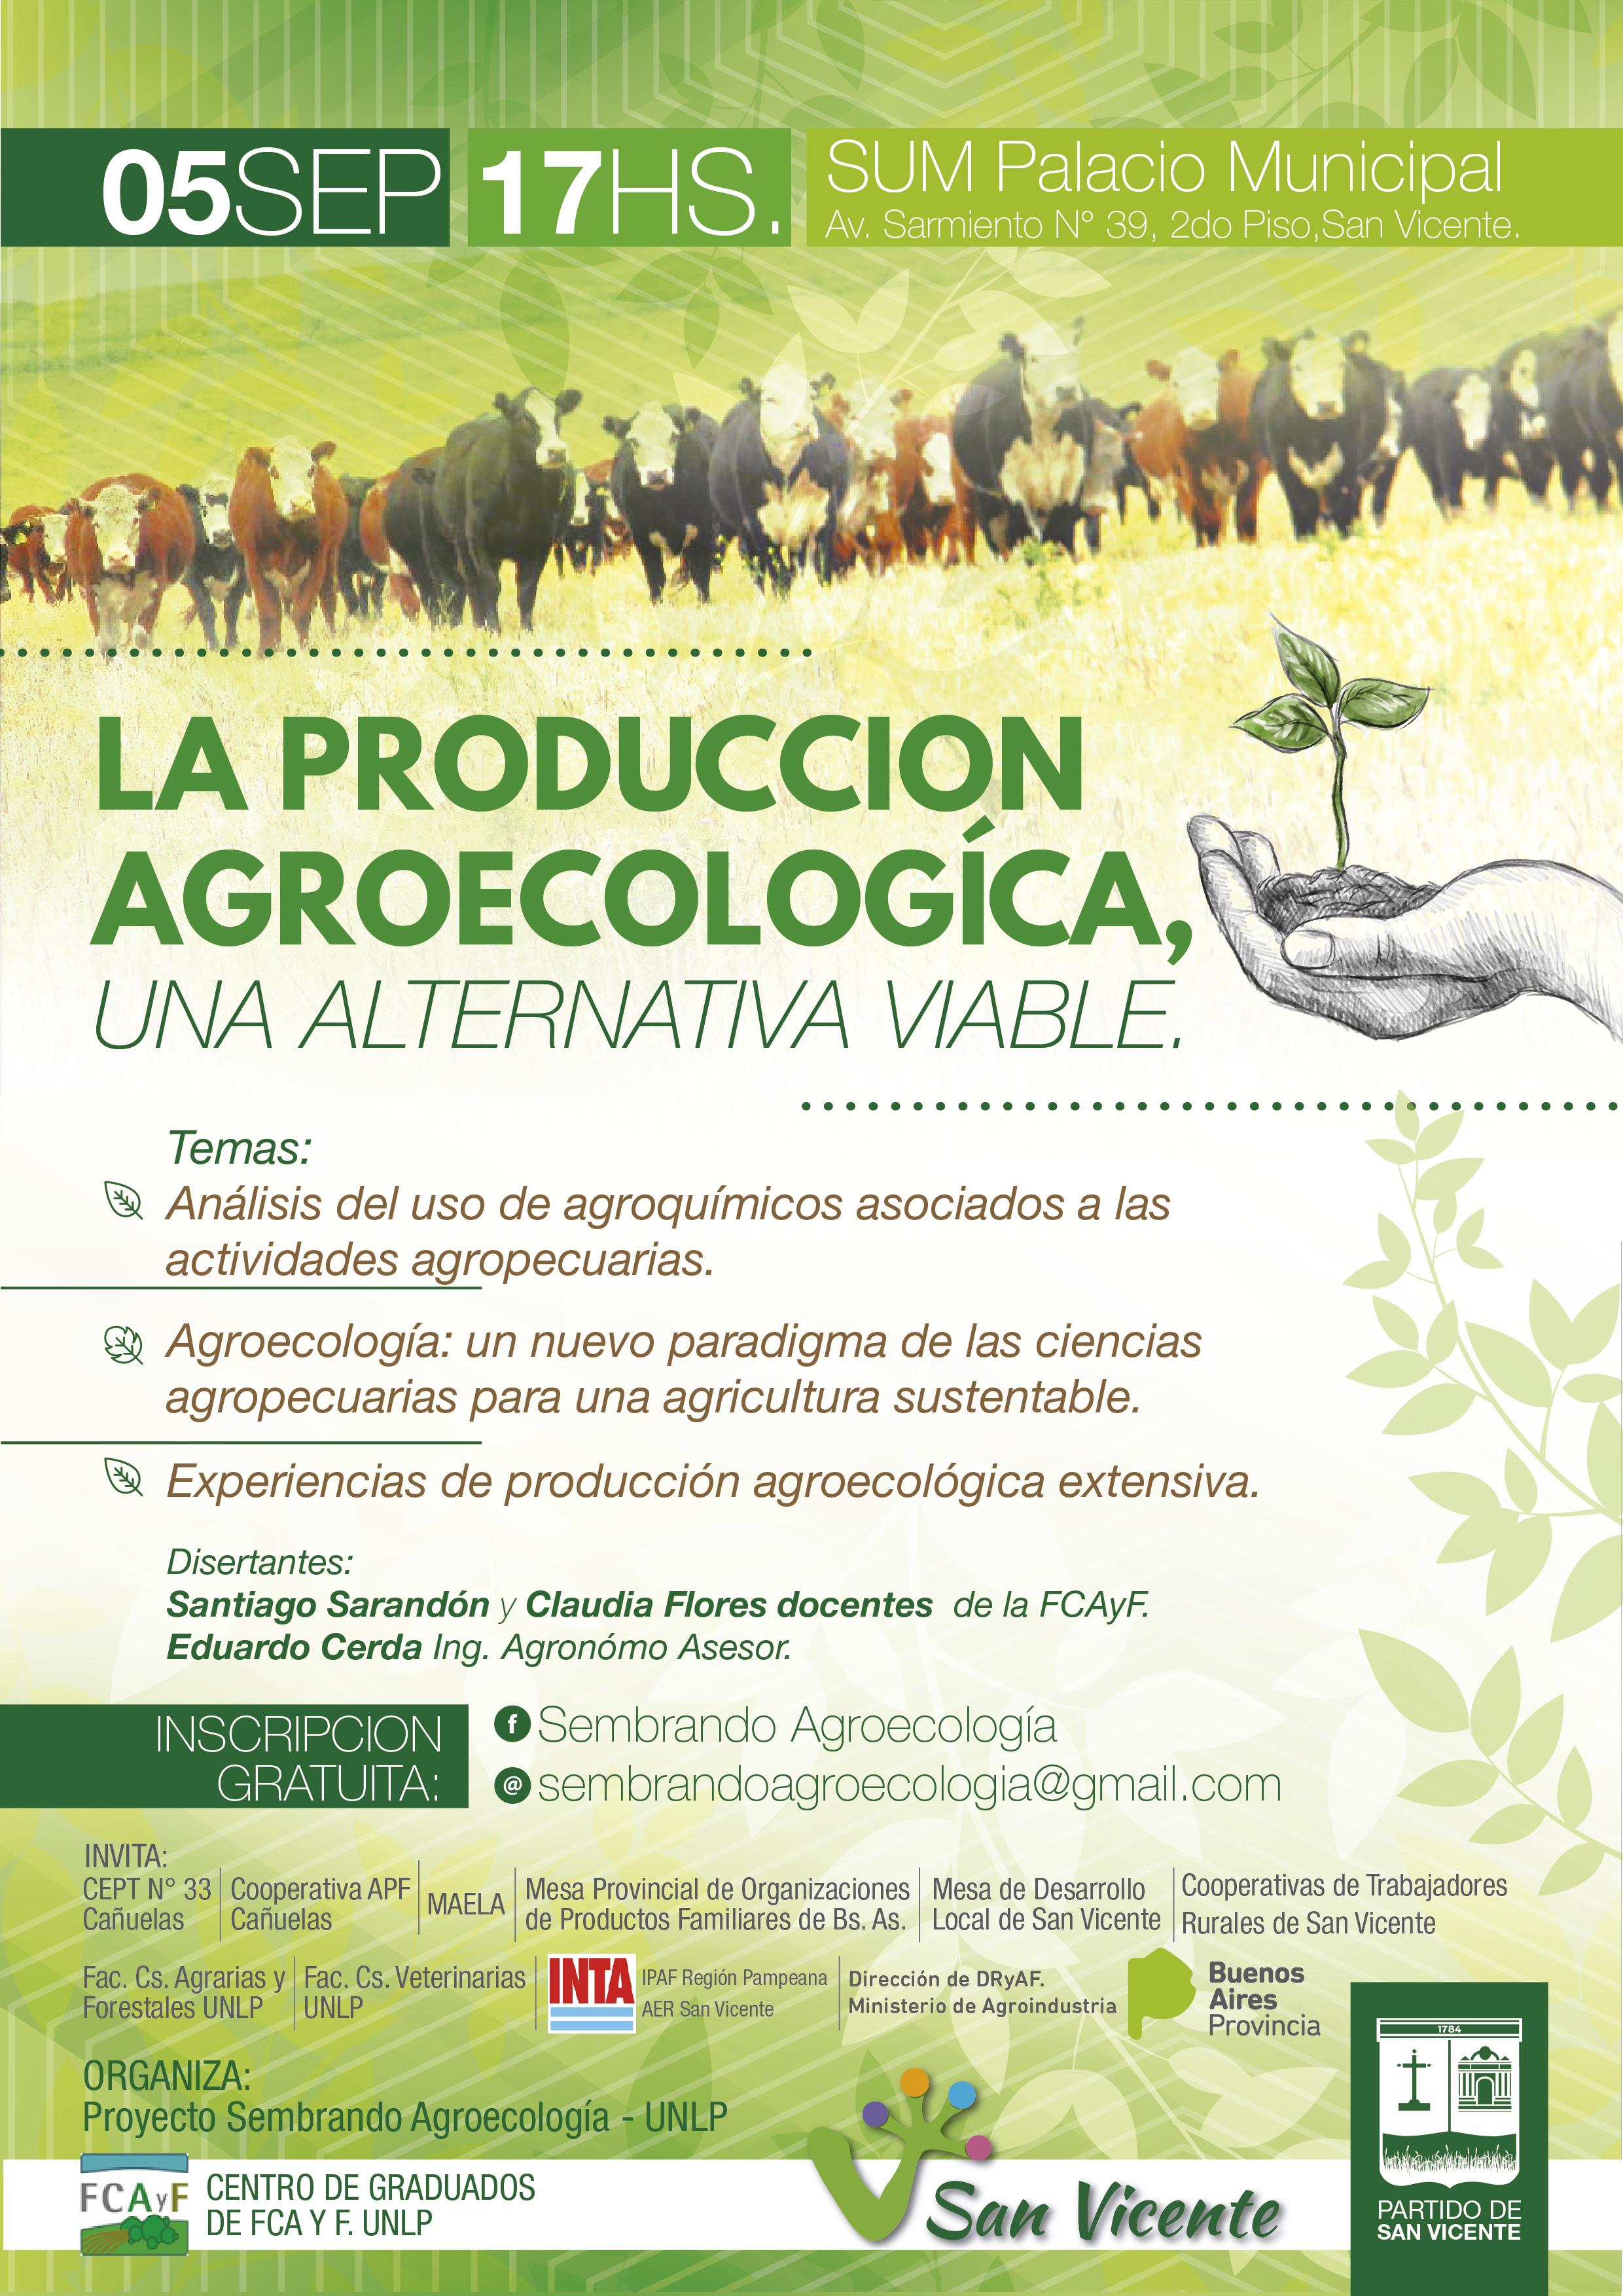 La producción Agroecologia, una alternativa viable